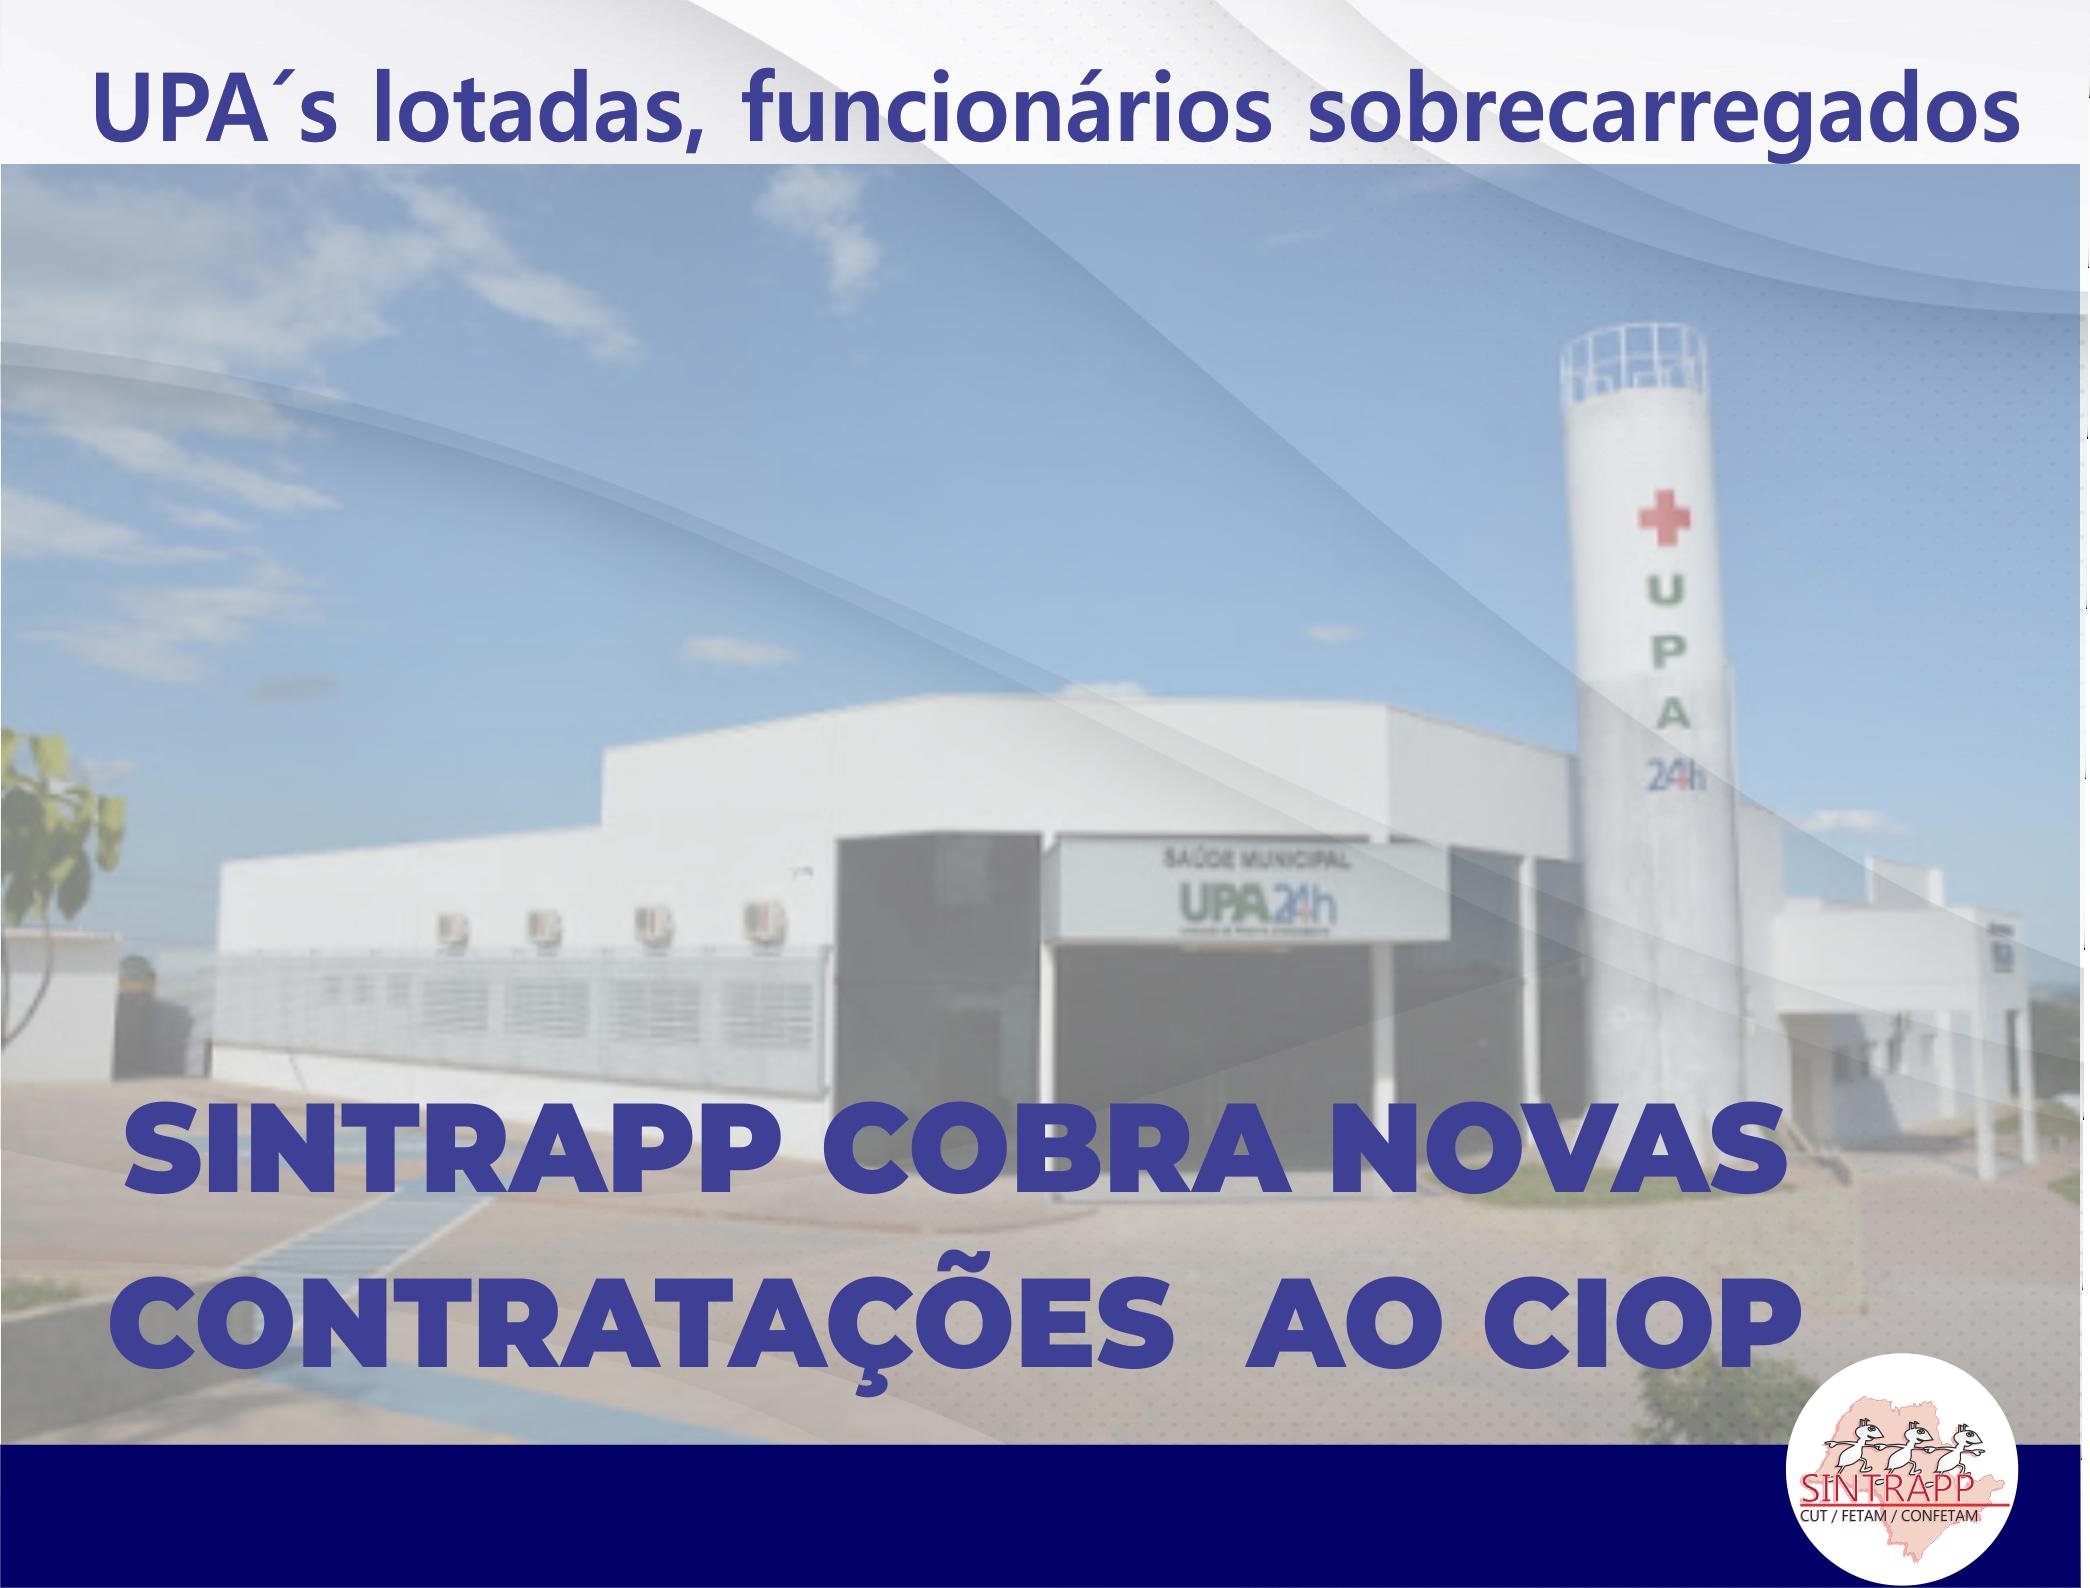 Com UPAs lotadas, Sintrapp cobra novas  contratações  de caráter emergencial  ao CIOP.